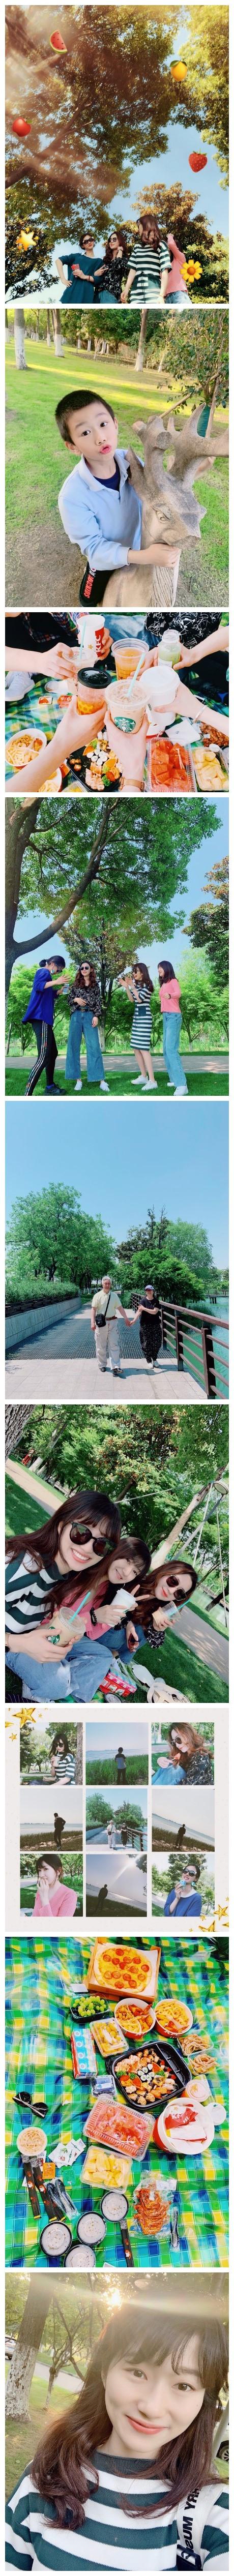 劳动节回家三天,带了我弟两天~和好朋友们一起野餐啦,阳澄湖的景色很美,野餐小分队就此成立了。在湖边碰到了一个老爷爷,一直在帮老奶奶拍照,最后跑上去帮他们拍了合影,奶奶走时还特地跑到我旁边说谢谢。爱一个